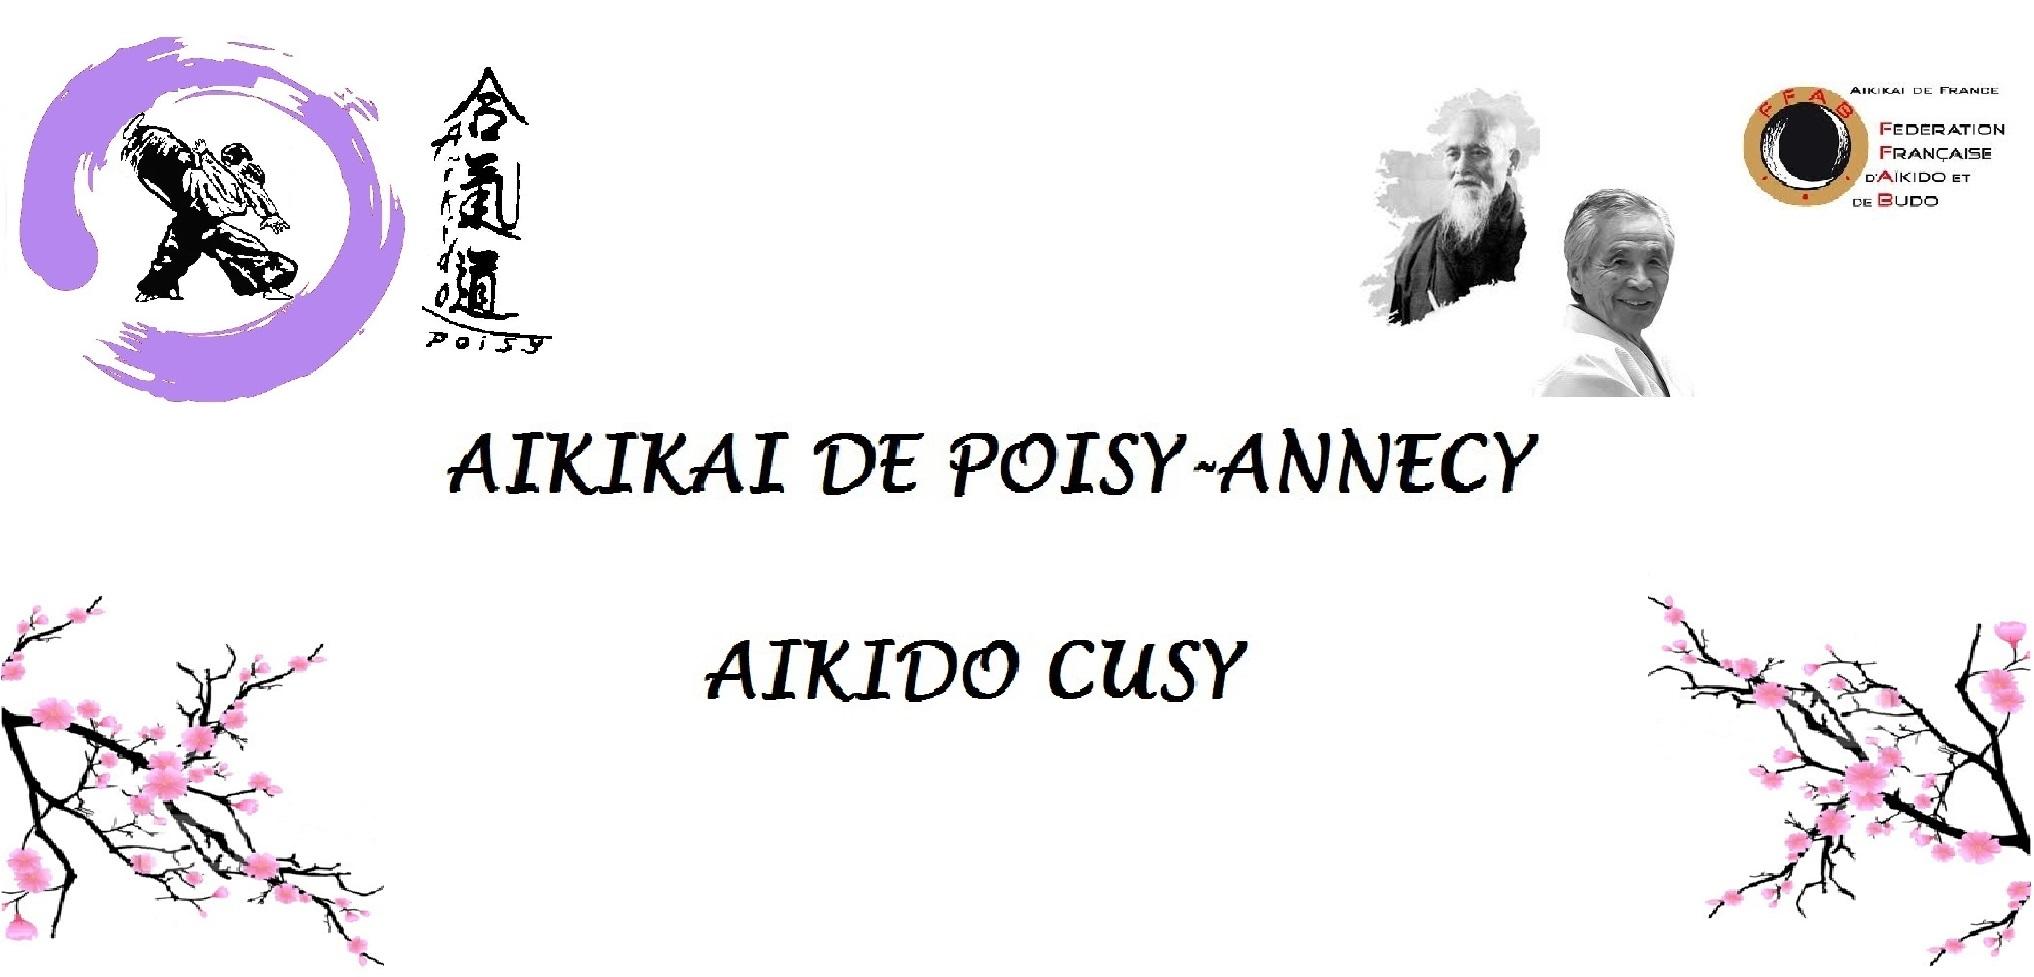 AIKIKAI DE POISY-ANNECY-CUSY